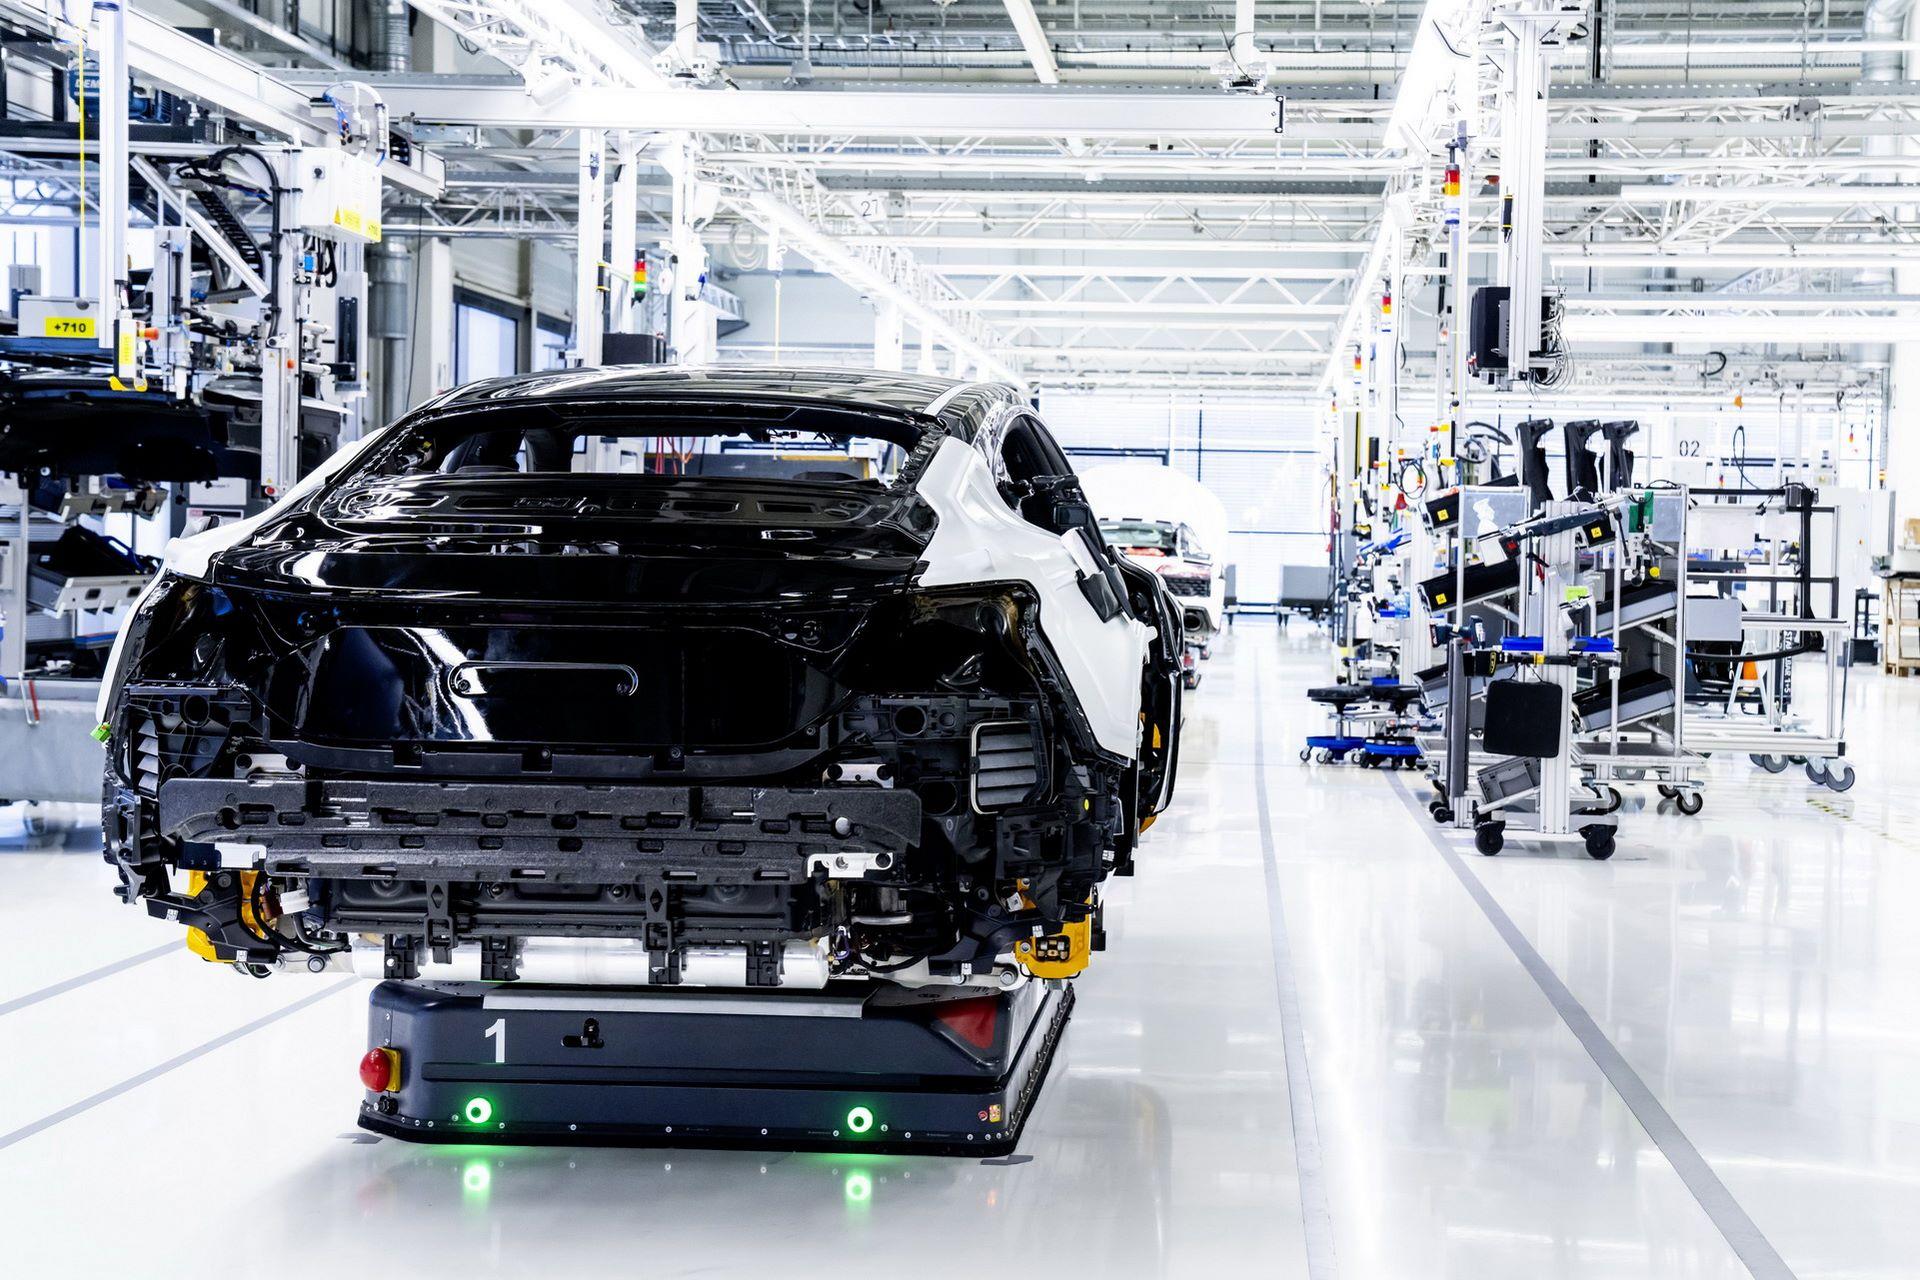 2022-Audi-e-tron-GT-plant-4